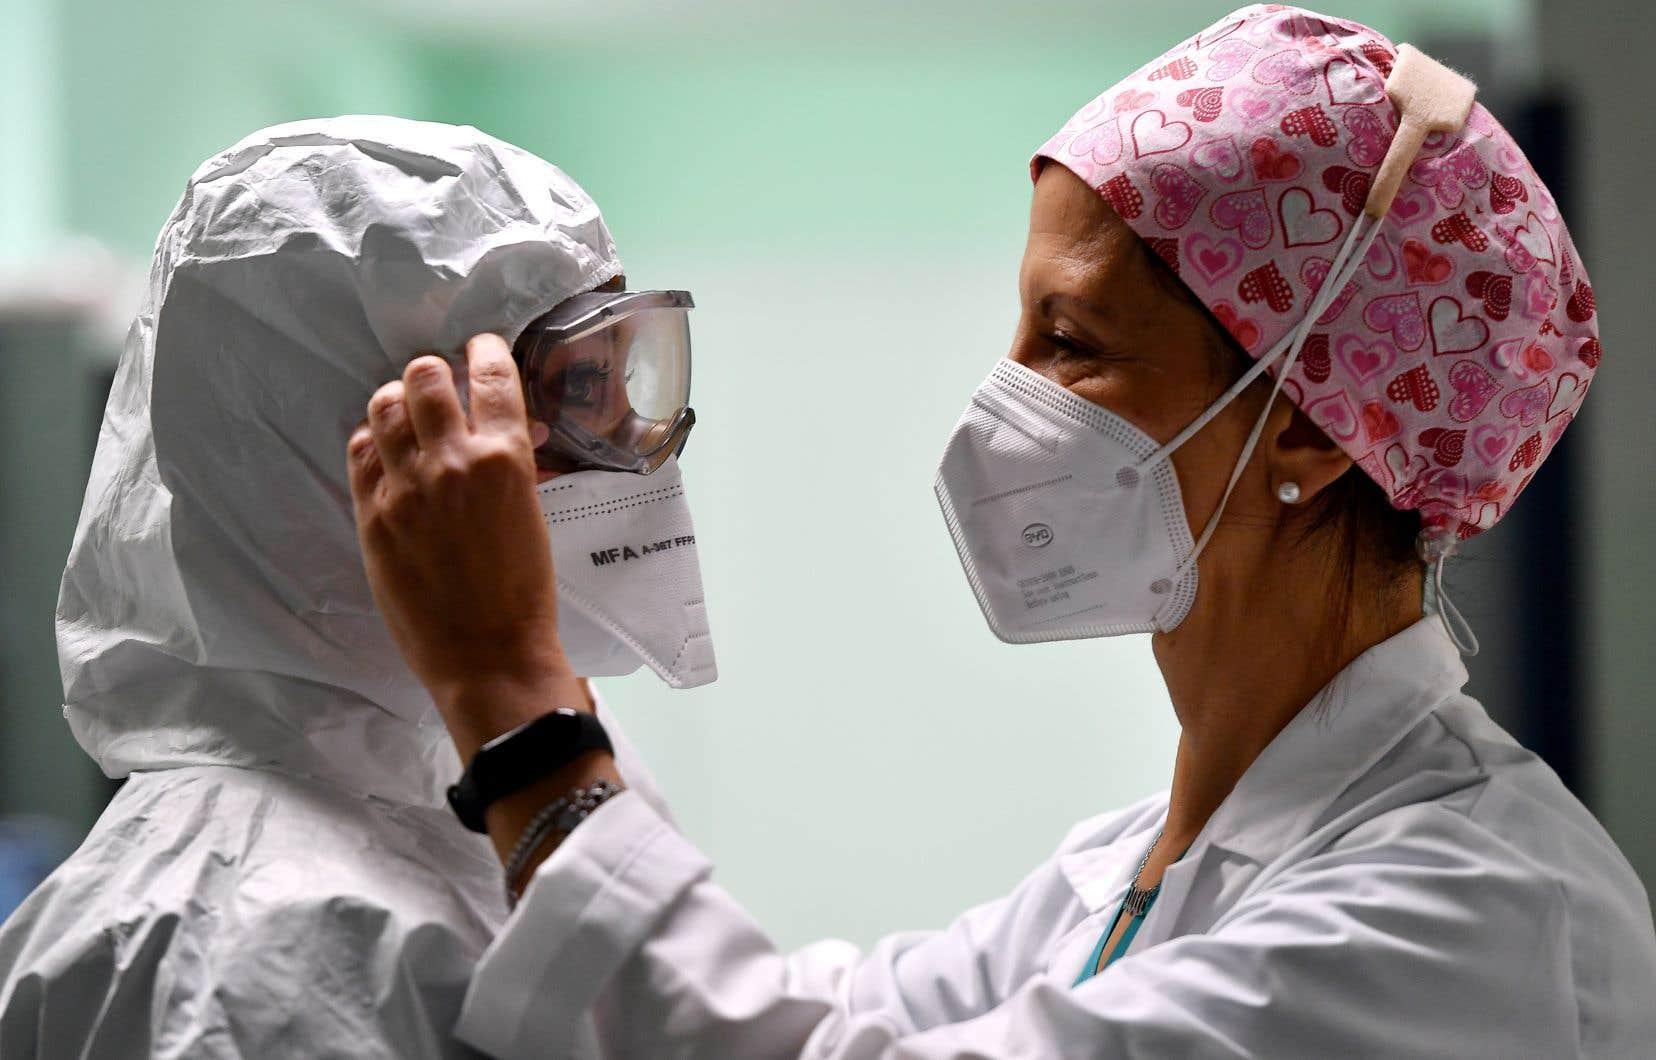 70% des nouvelles maladies et presque toutes les pandémies connues sont des zoonoses, c'est-à-dire qu'elles viennent de pathogènes animaux.